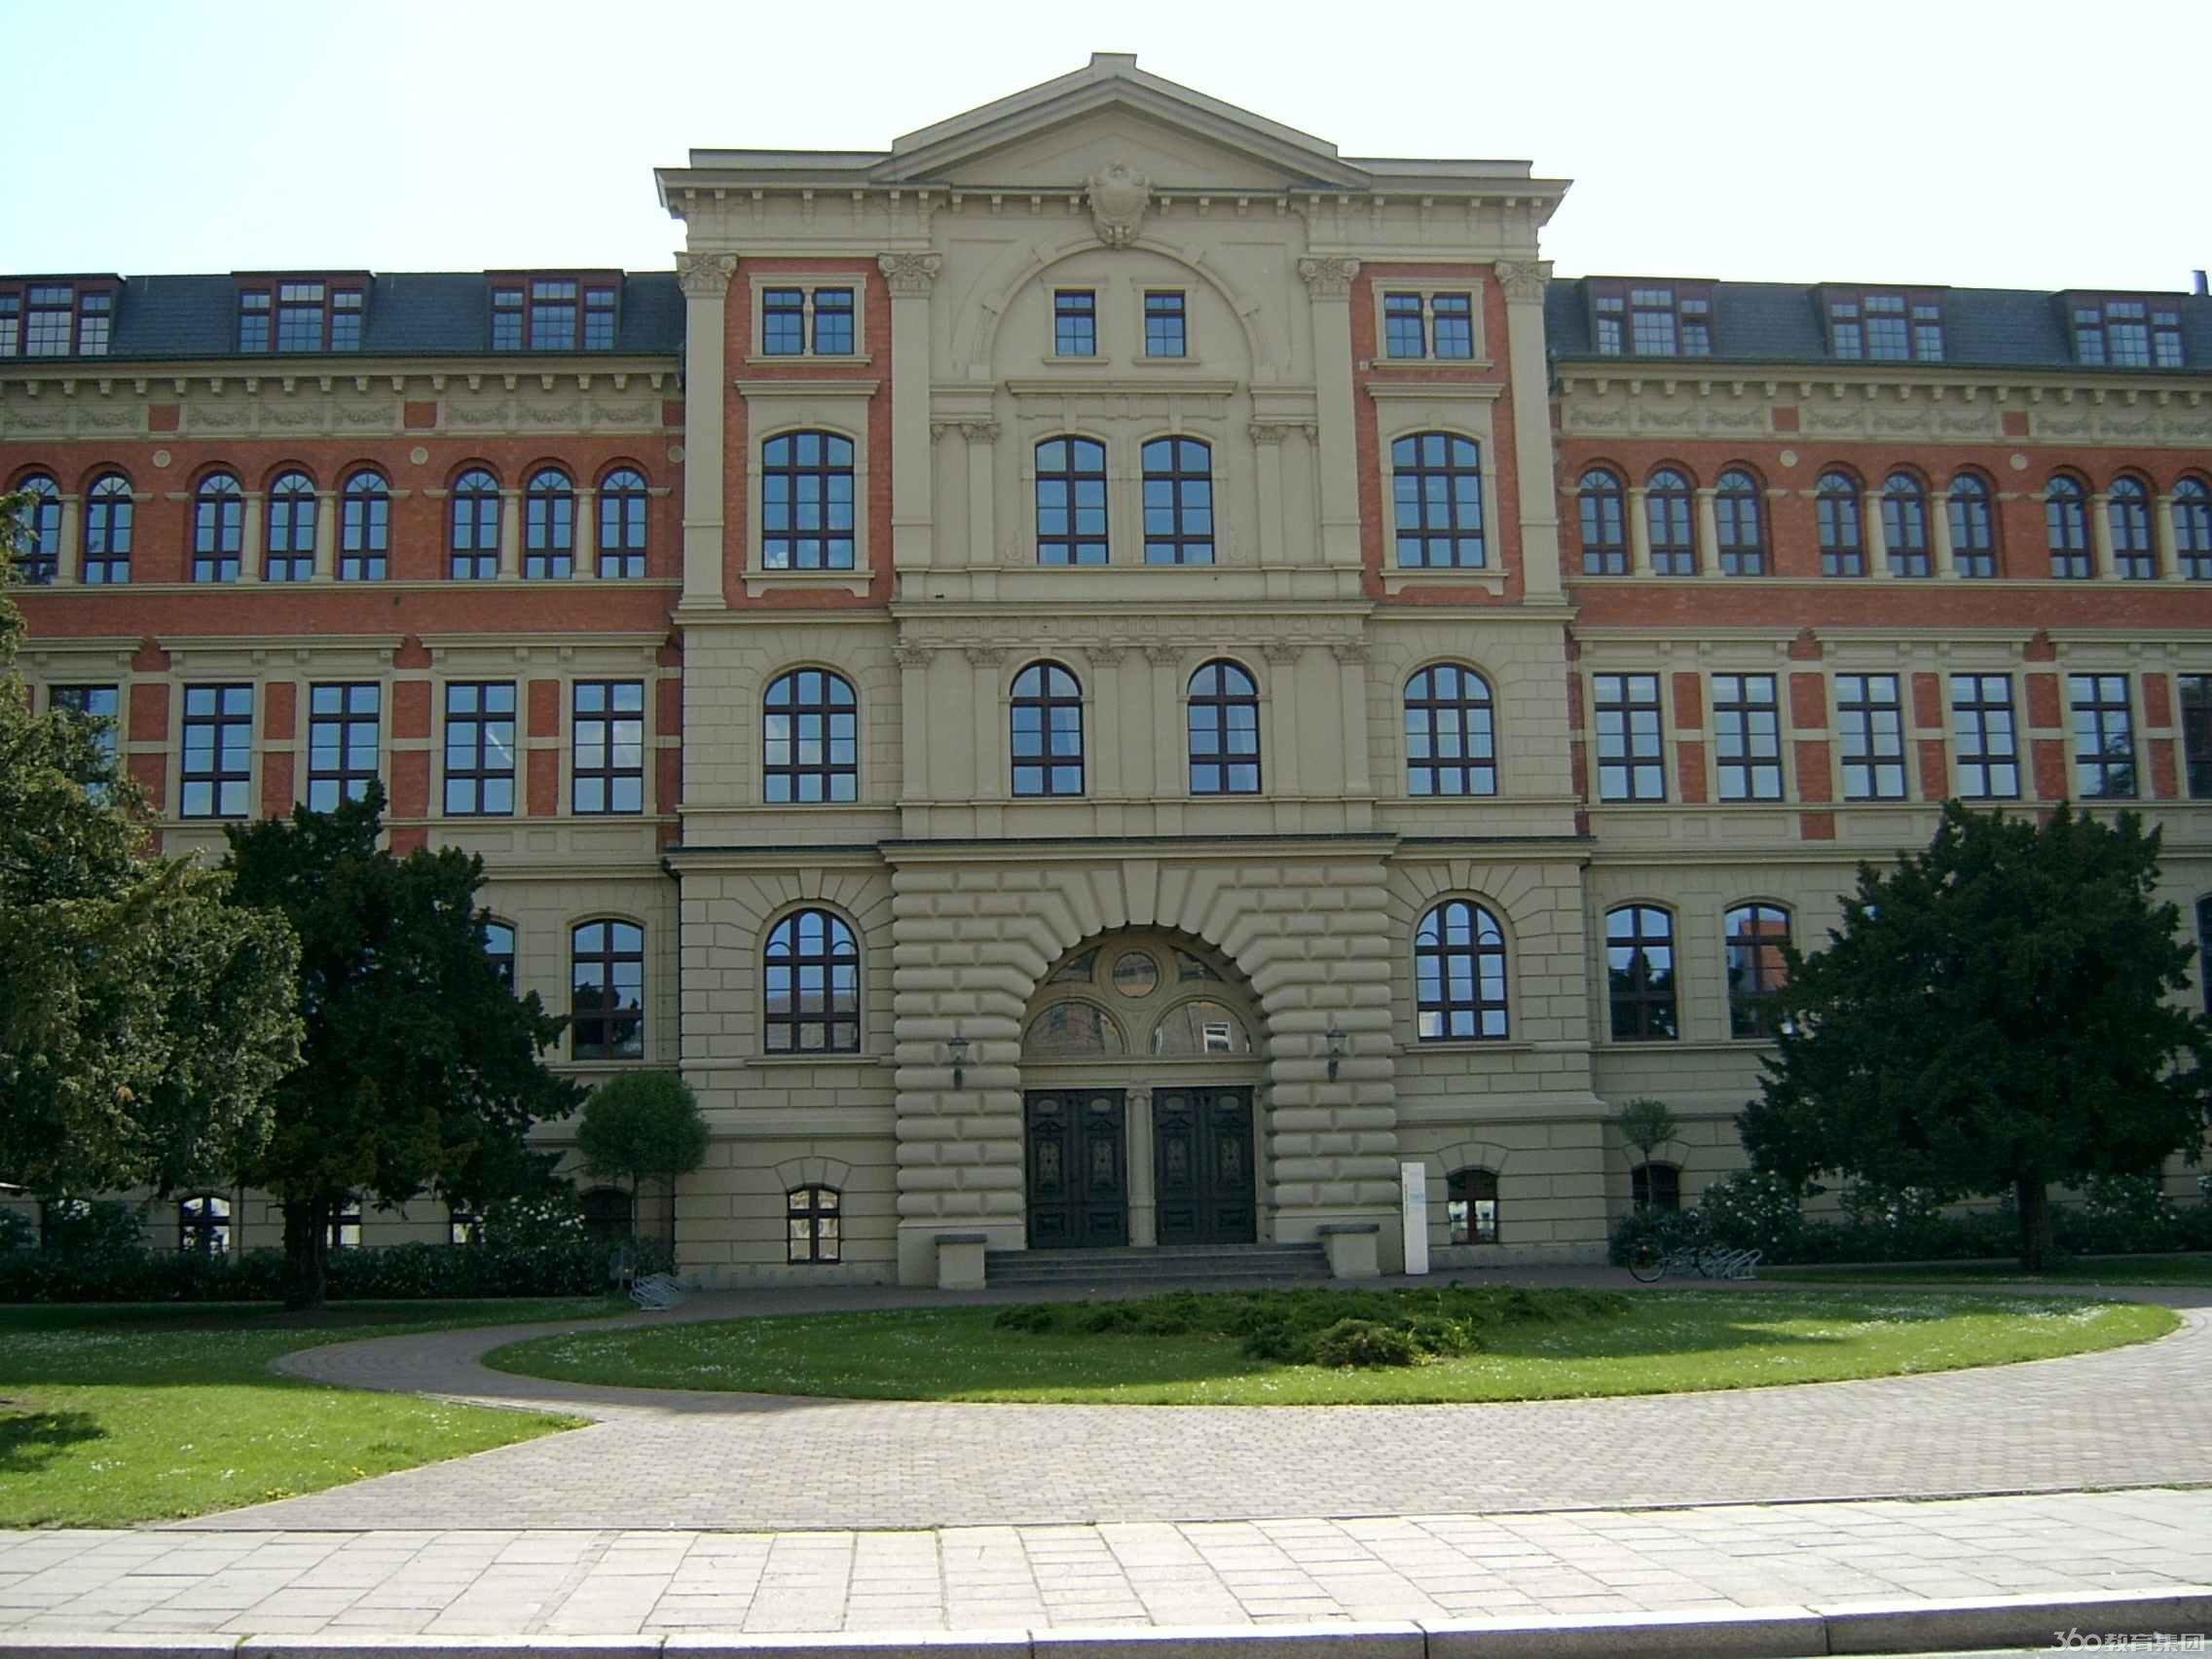 工商管理专业排名_德国大学工商管理专业最新排名 - 教育新闻 - 立思辰留学